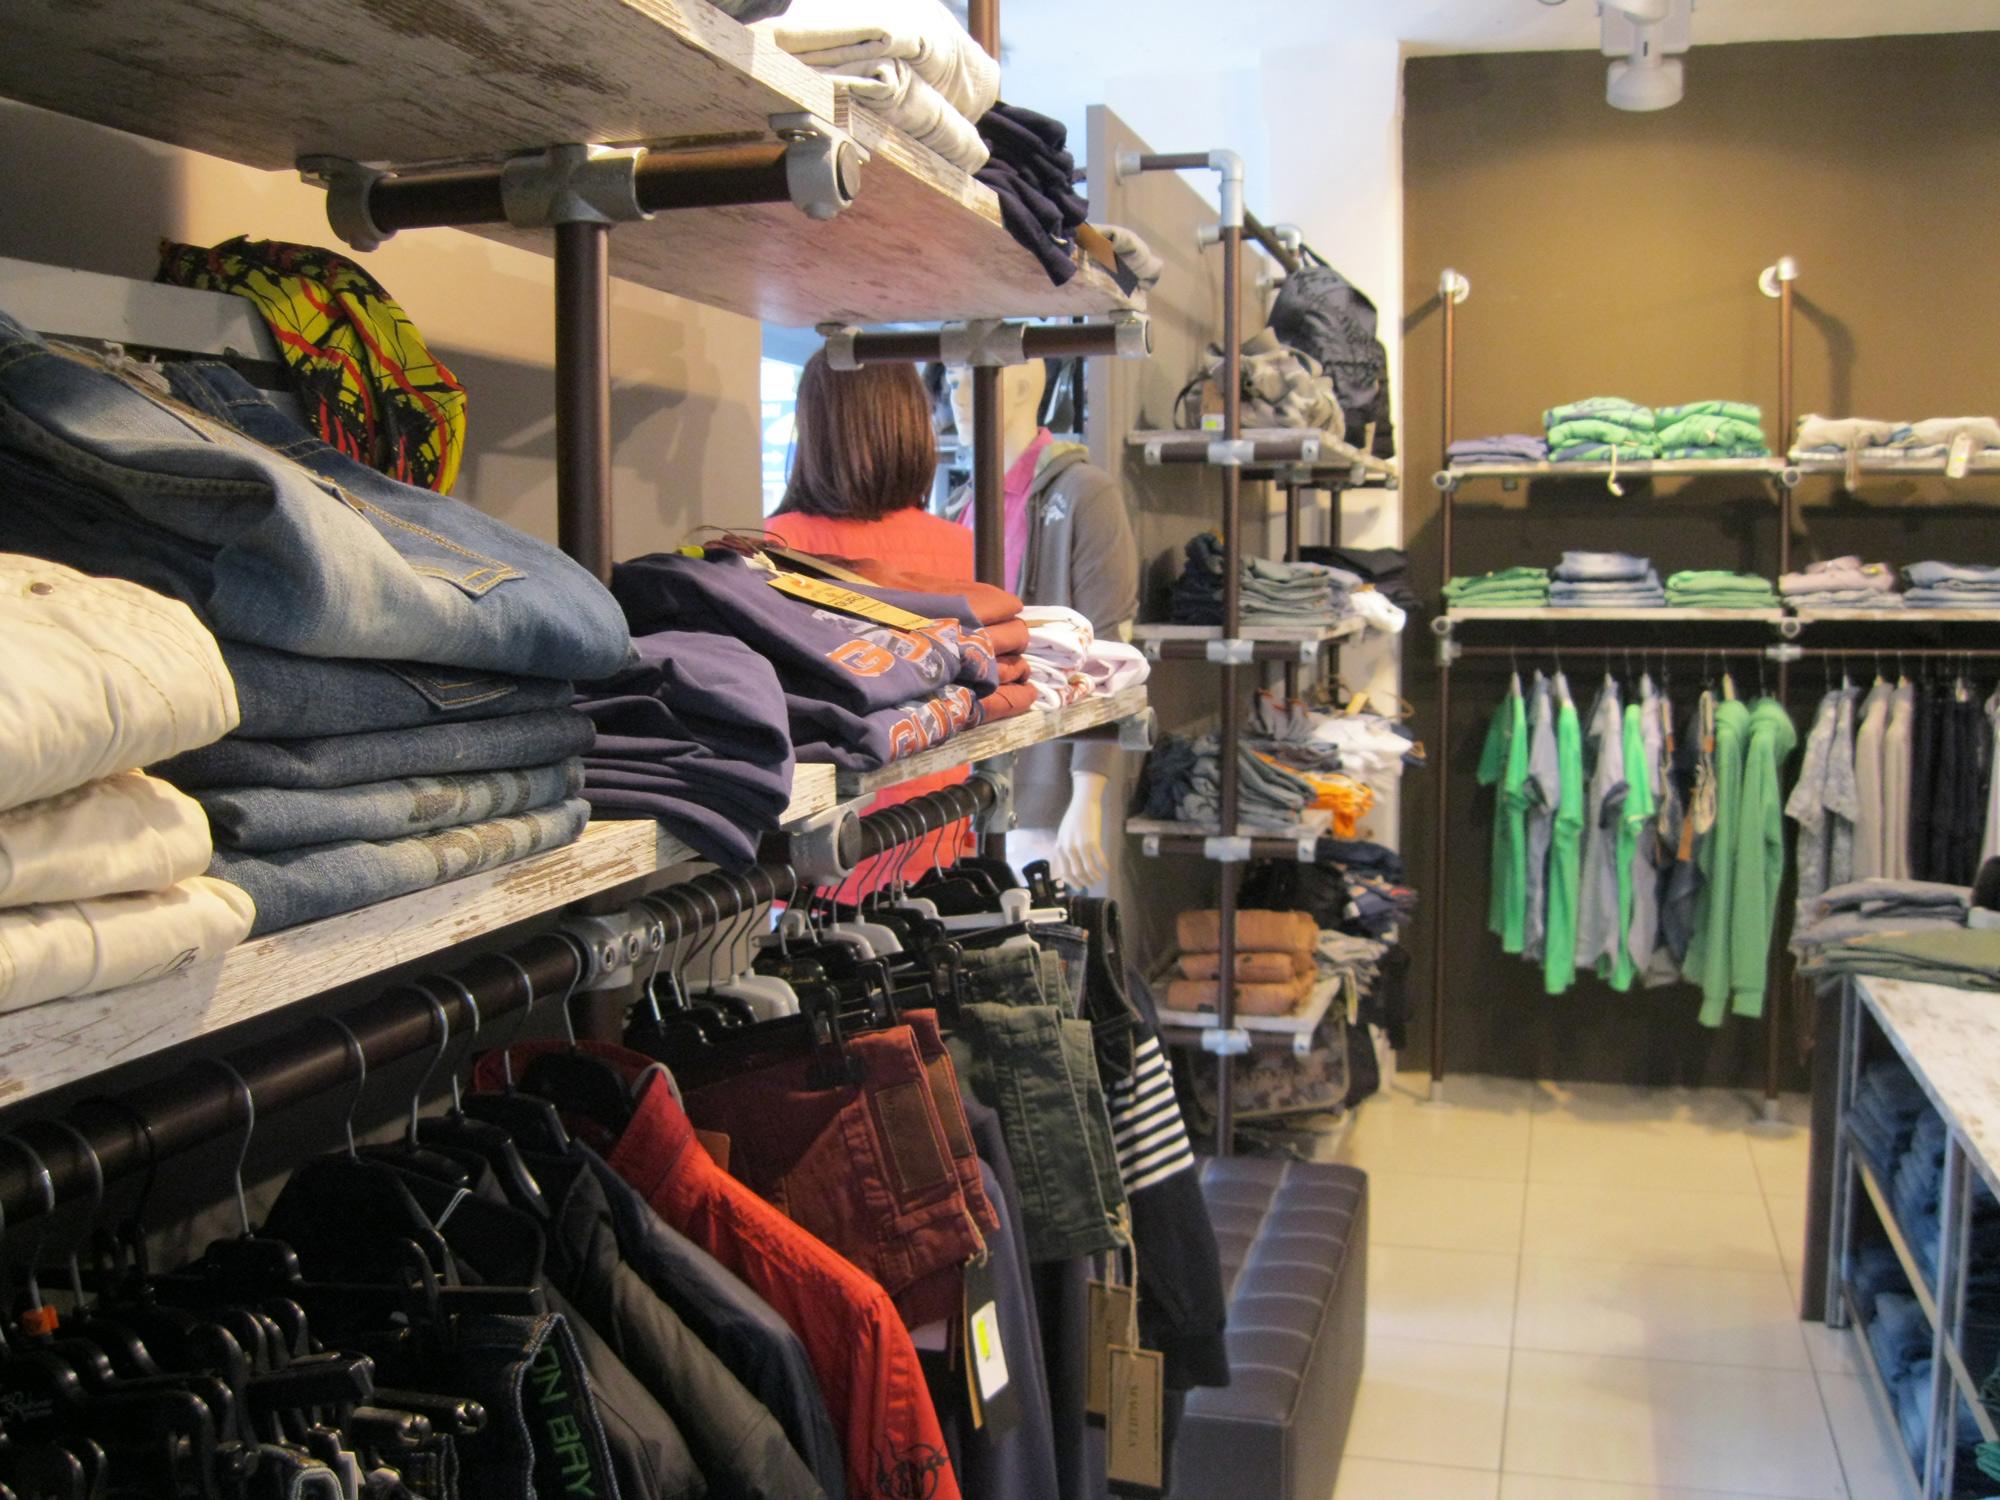 negozi abbigliamento pisa